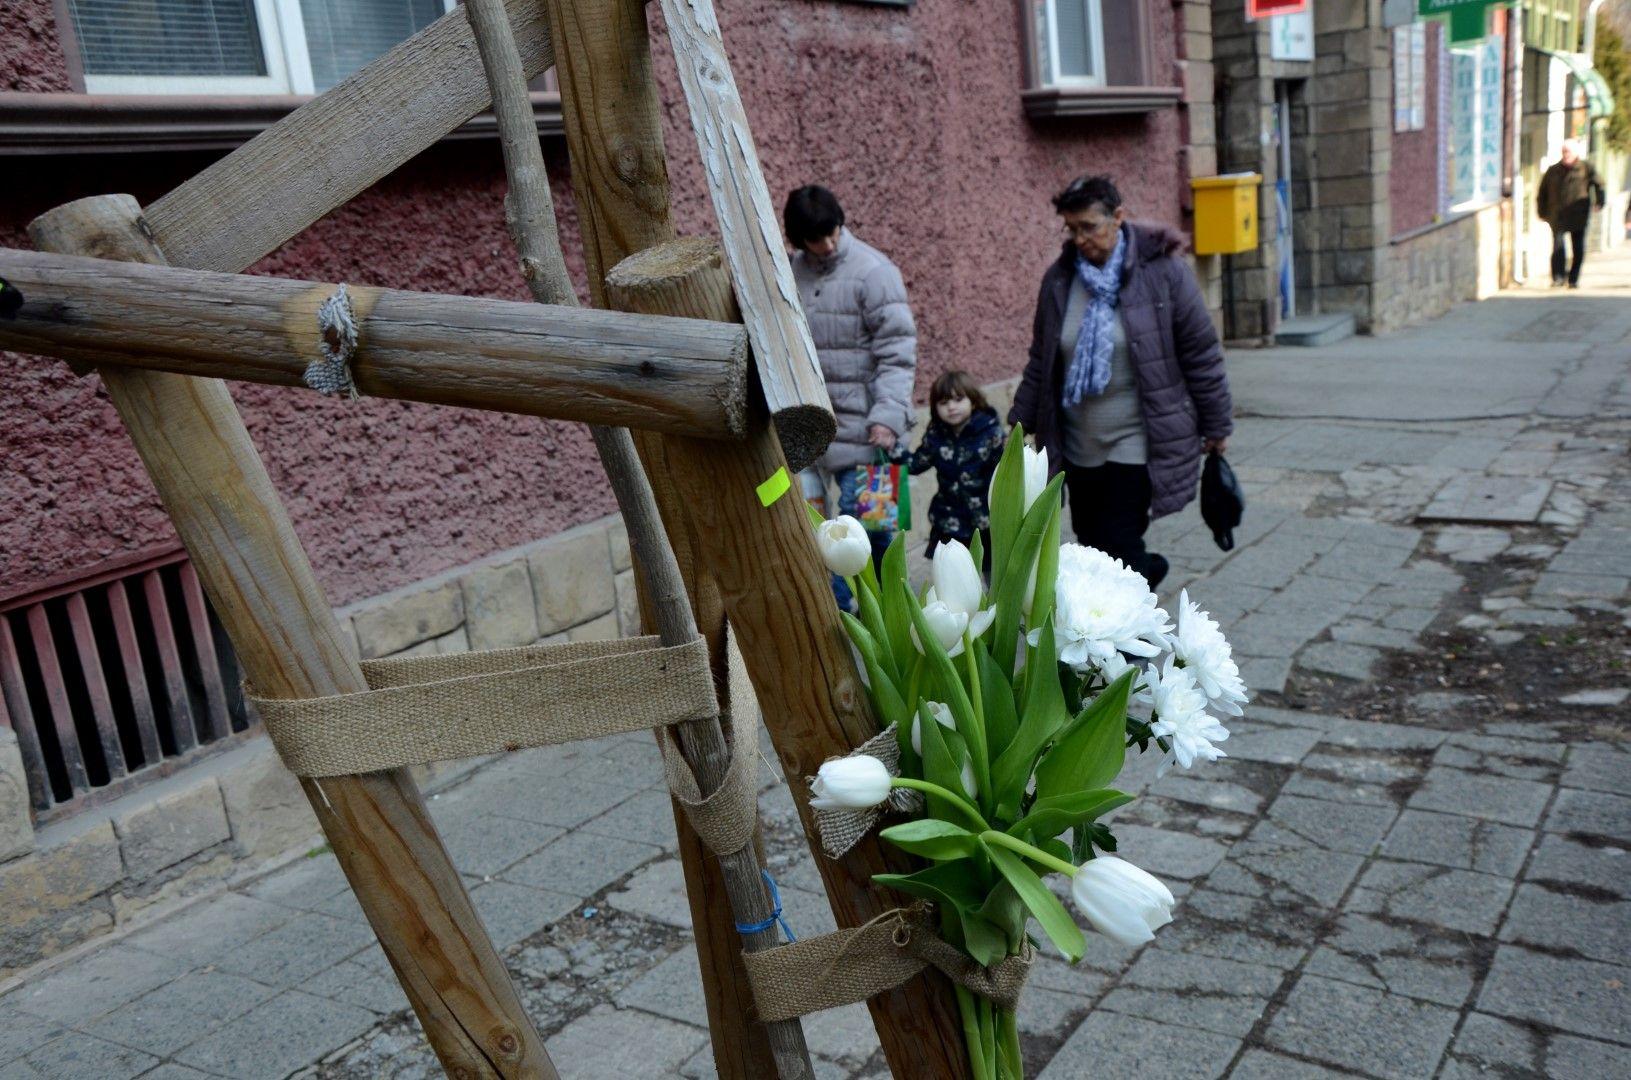 Цветя на мястото, където историкът смята, че Левски е погребан